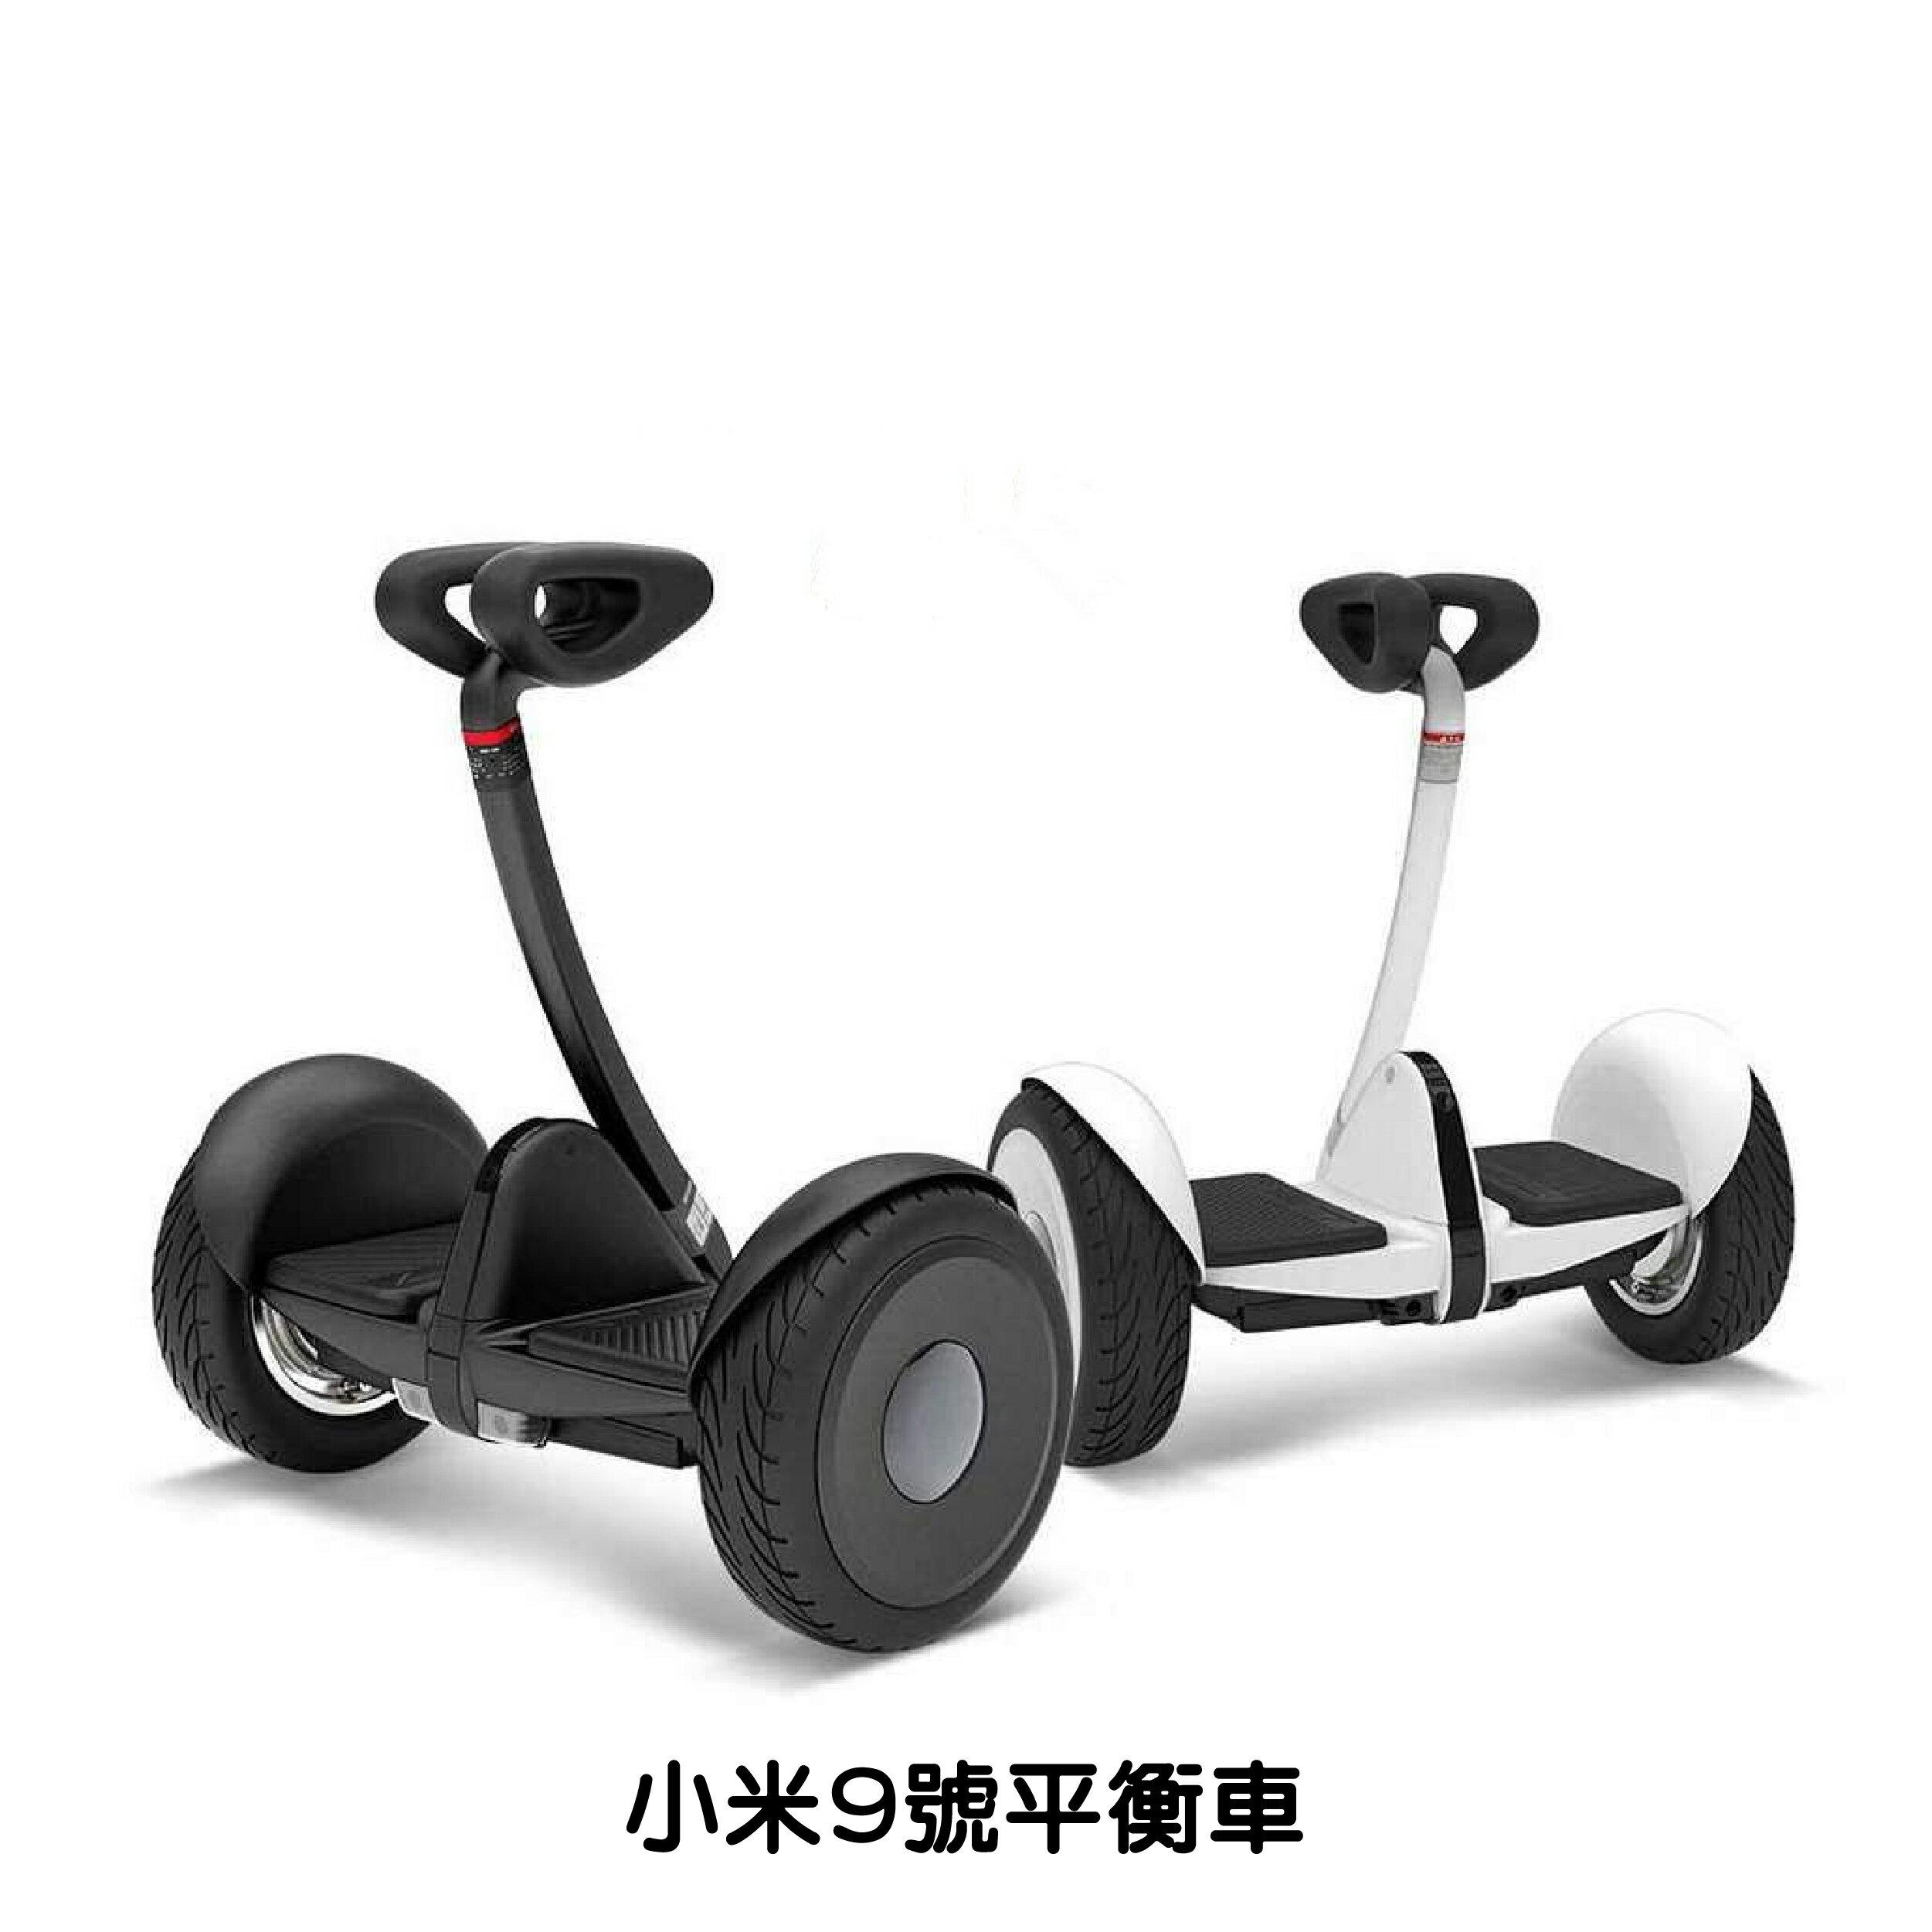 小米九號平衡車 原裝直送 現貨供應 當天出貨 9號平衡車 小米體感電動平衡 雙輪車 代步車【coni shop】